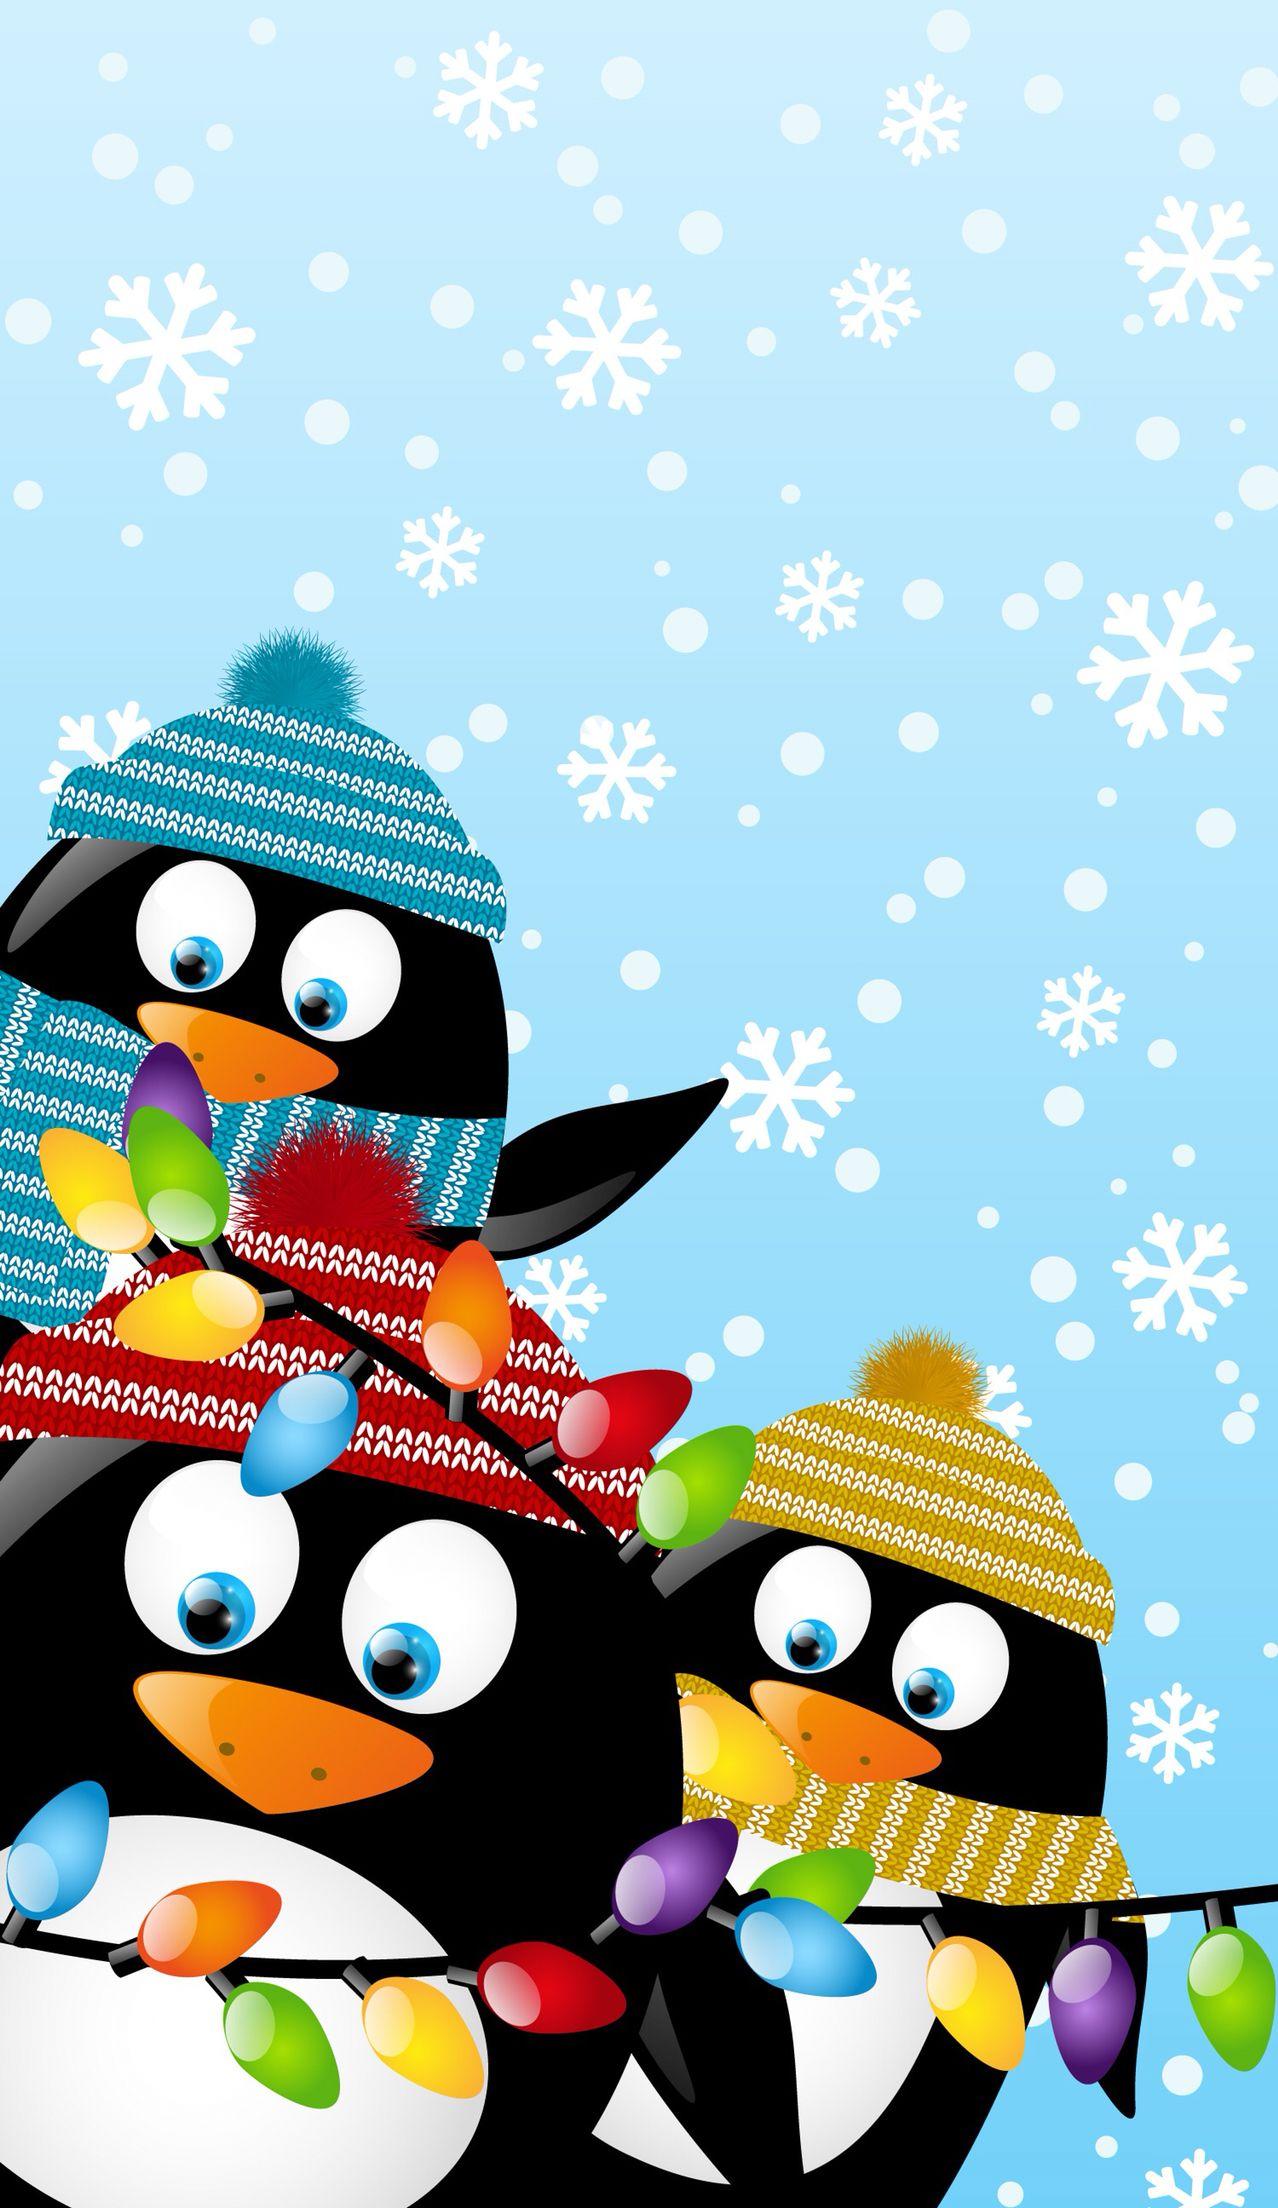 Save and set Christmas wallpaper, Christmas wallpaper